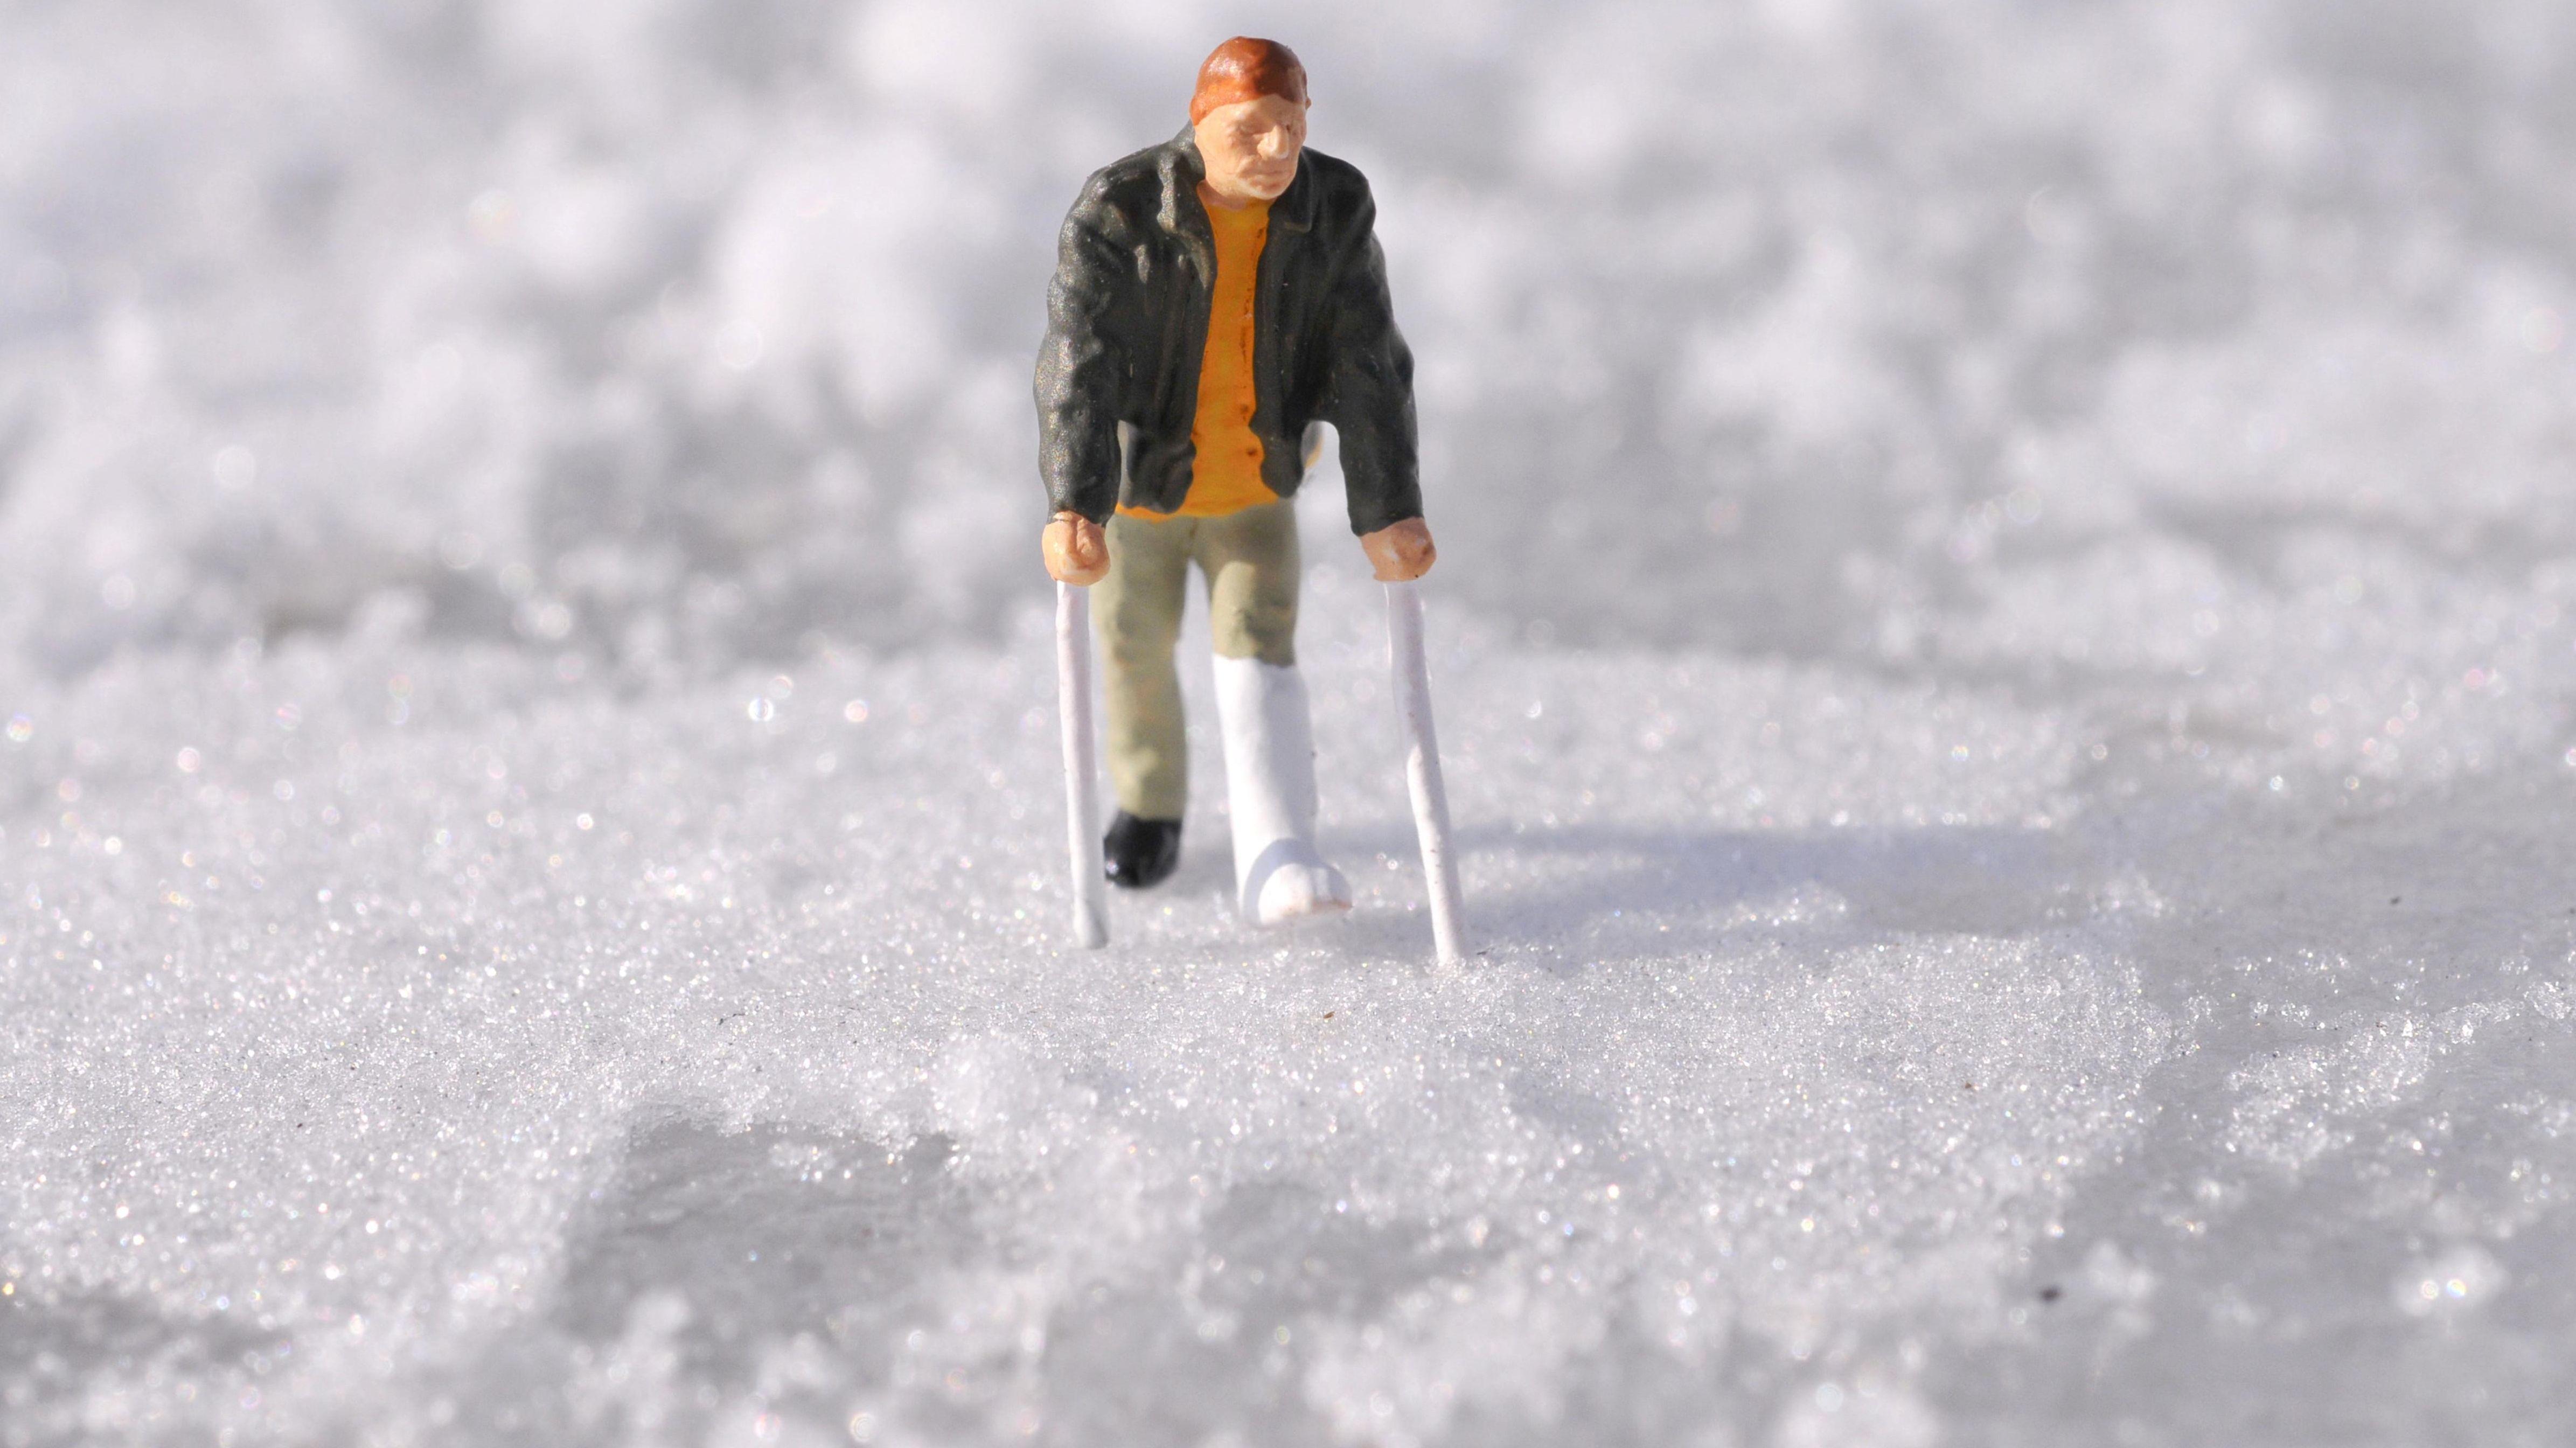 Kleine Spielfigur mit eingegipsten Bein im Schnee